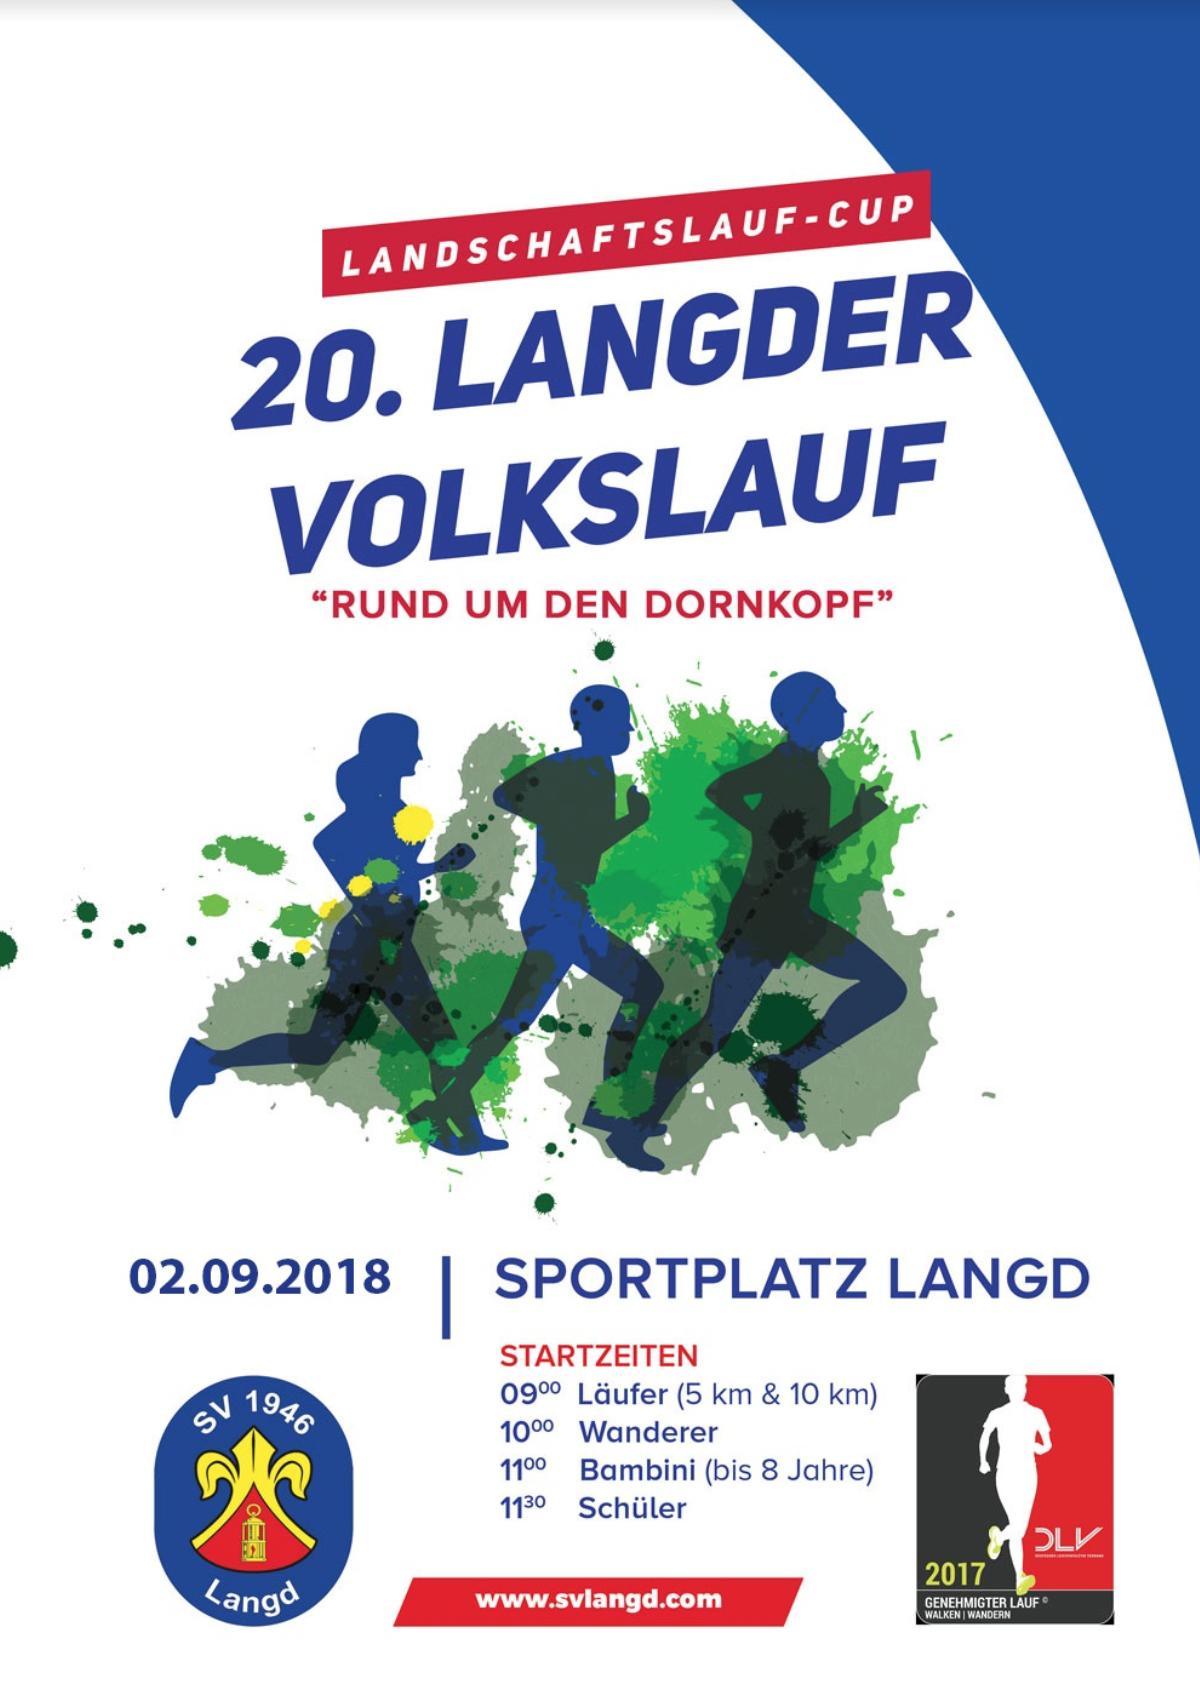 2. Engel-Landschaftslauf - Am 02.09. ist es wieder so weit.Im Rahmen des 2. Engel- Landschaftslauf mit dem VfB Ruppertsburg, dem Schützenverein 1874 e.V. Laubach und dem SV Langd, findet in Langd der Lauf